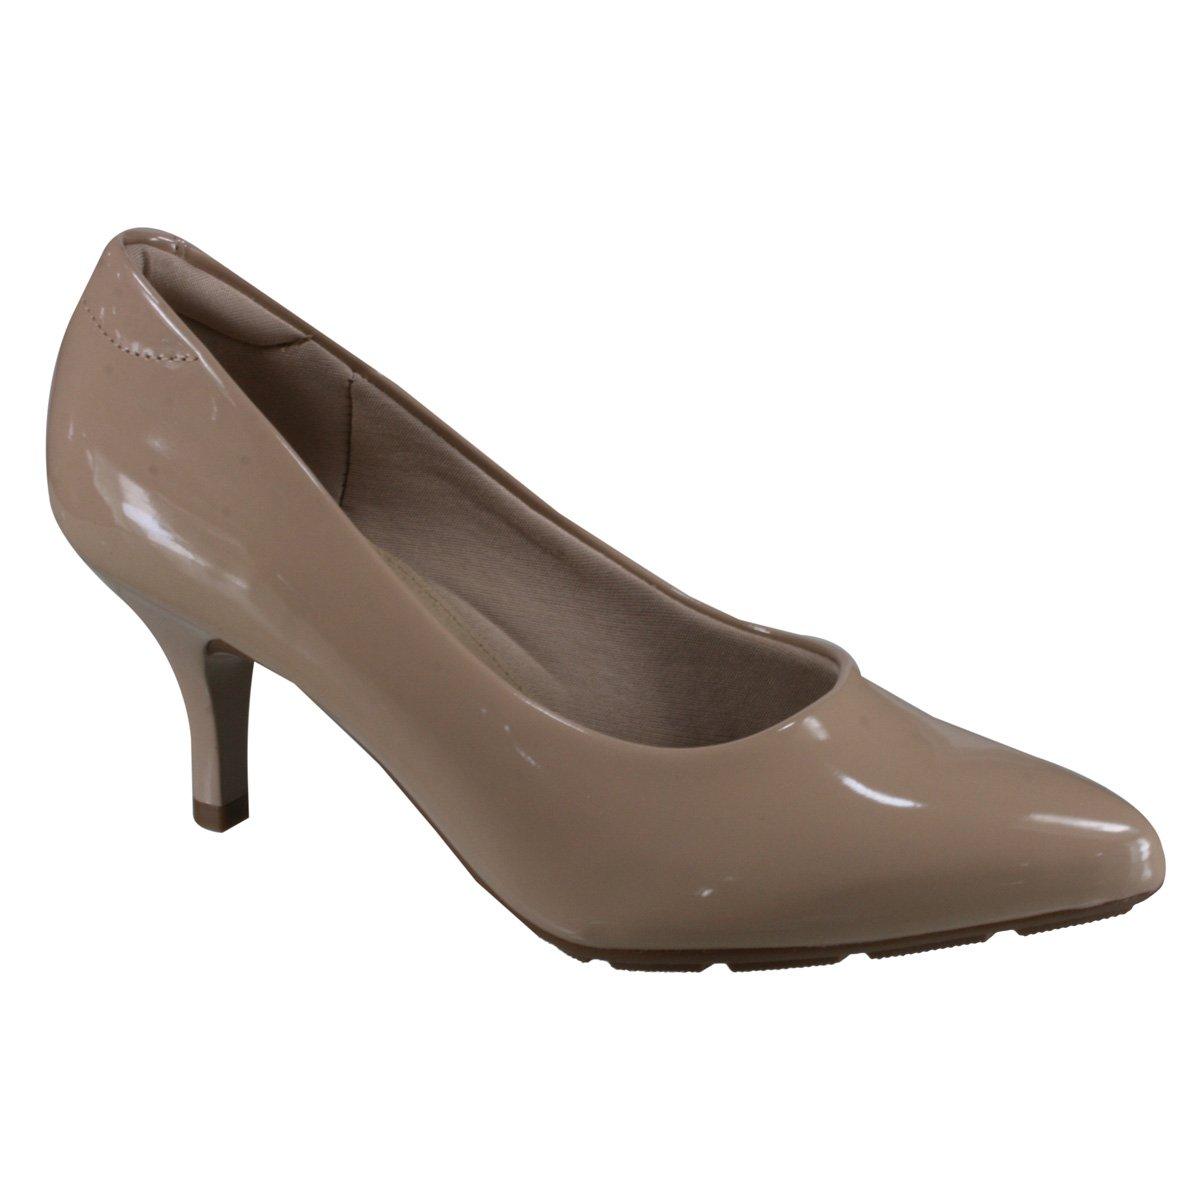 5be8f2179 Sapato Feminino Modare Ultraconforto 7318.600 13488 29452 - Bege ...